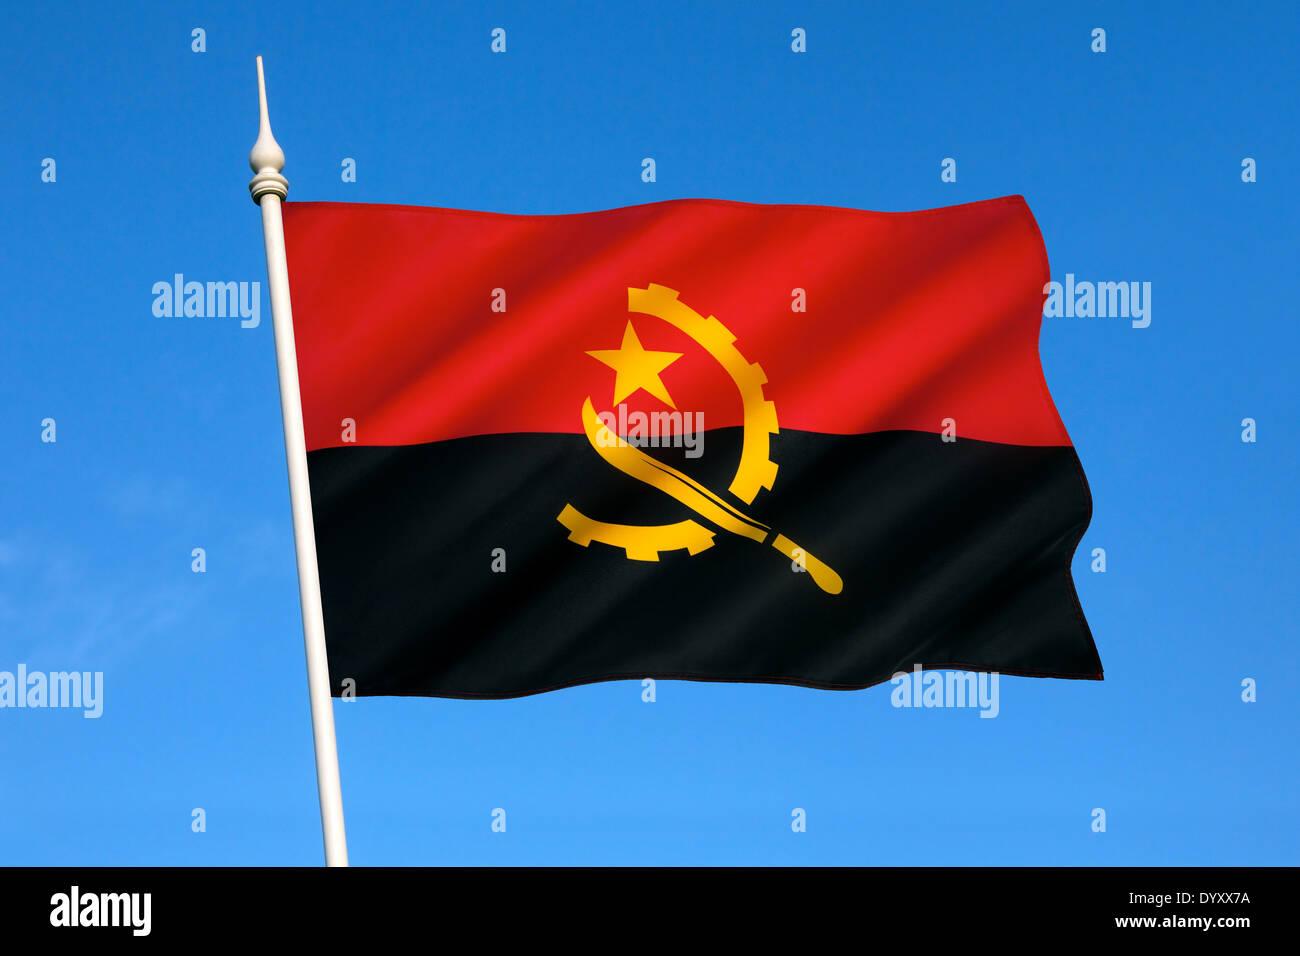 The national flag of Angola - Stock Image